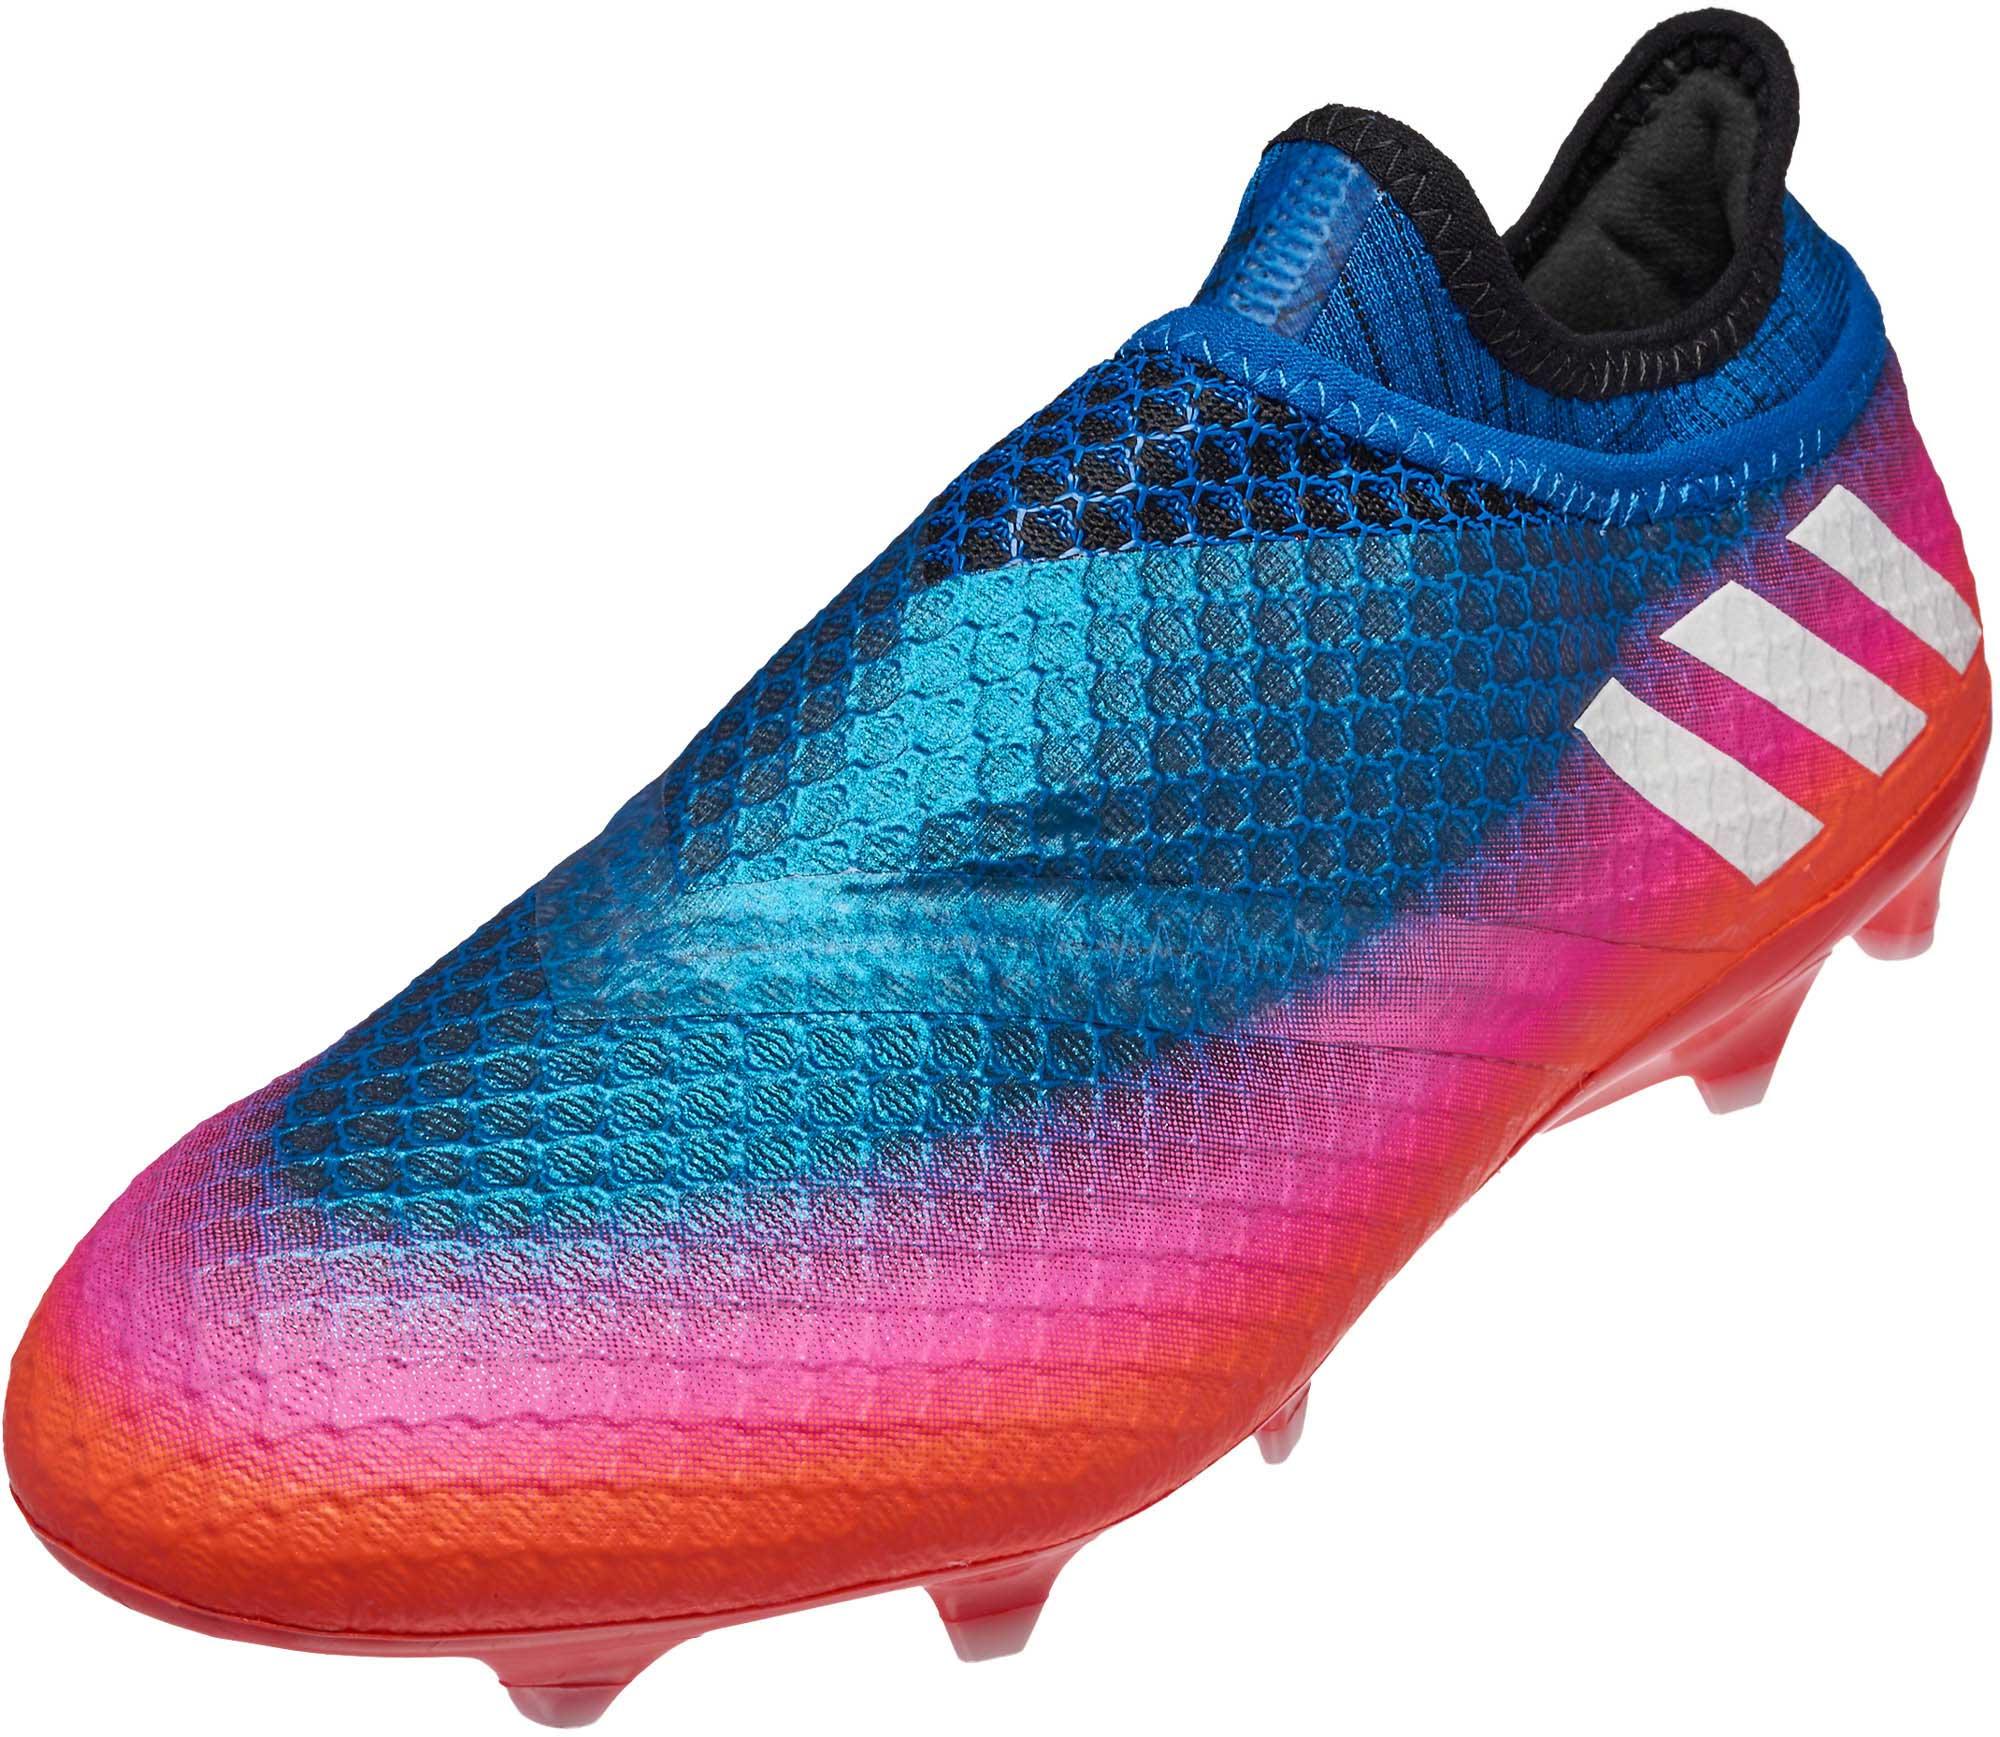 adidas Messi 16 Pureagility FG Cleats